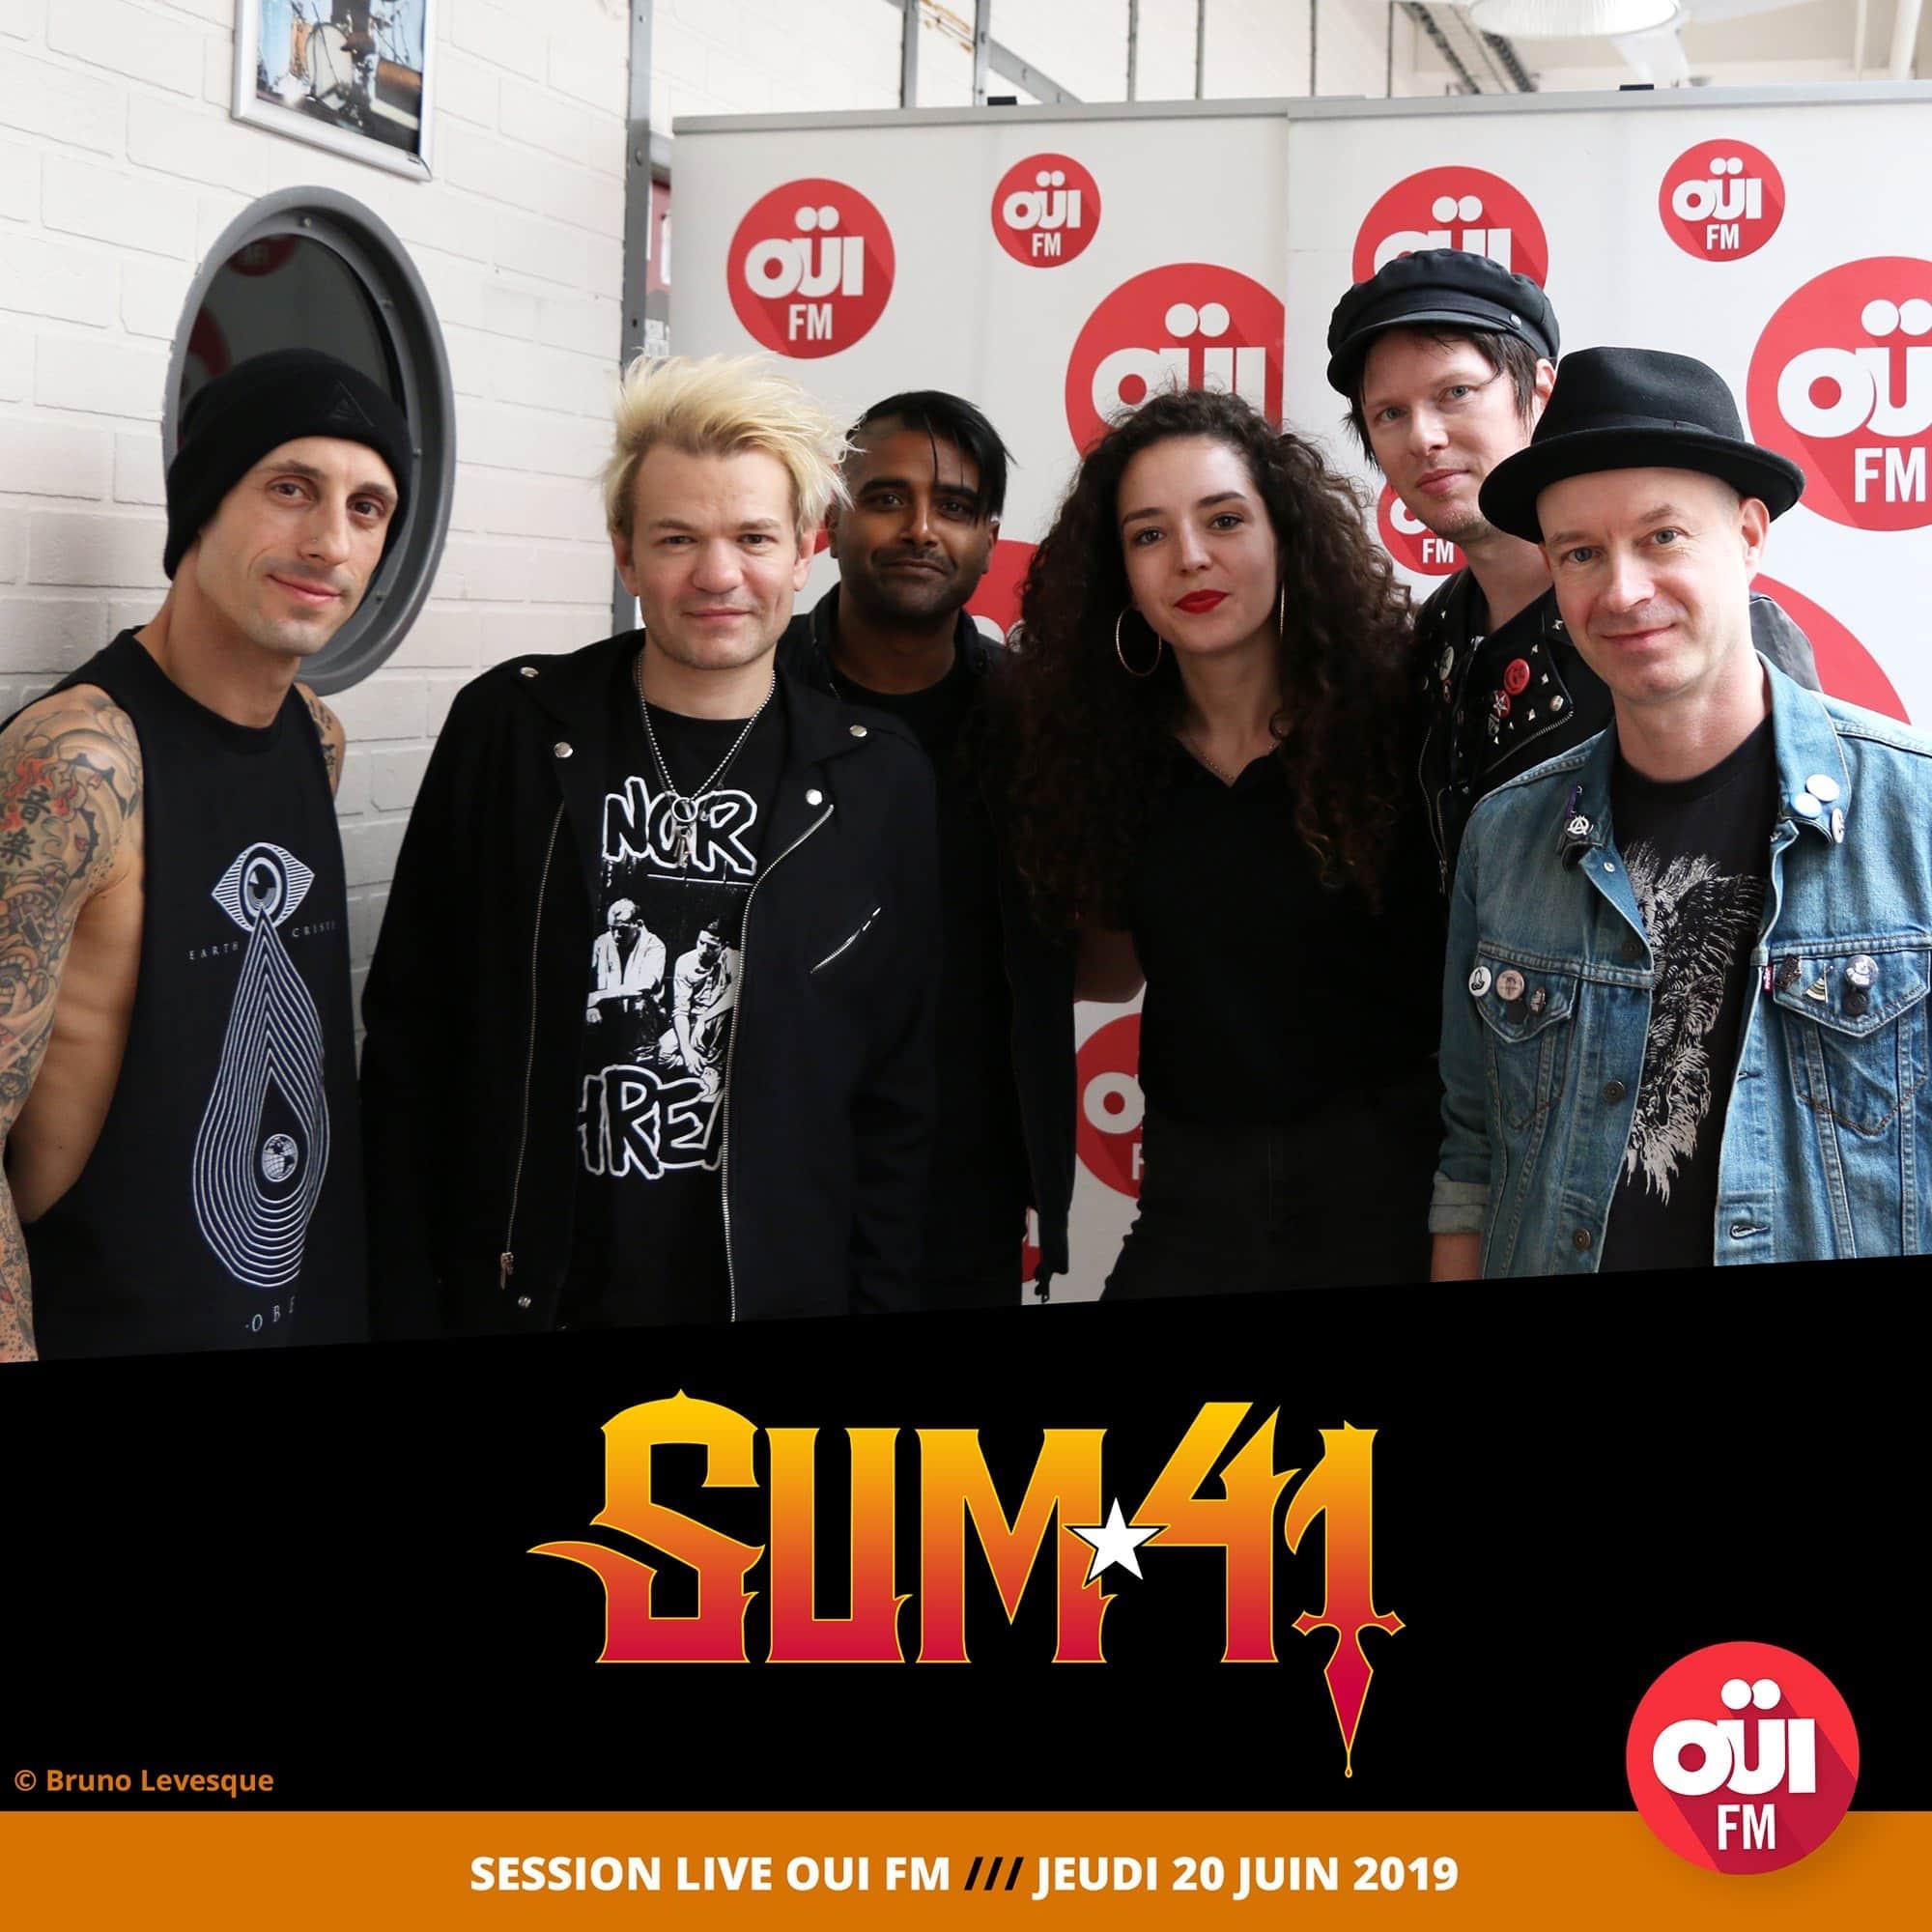 Sum 41 ARI OUIFM Mina